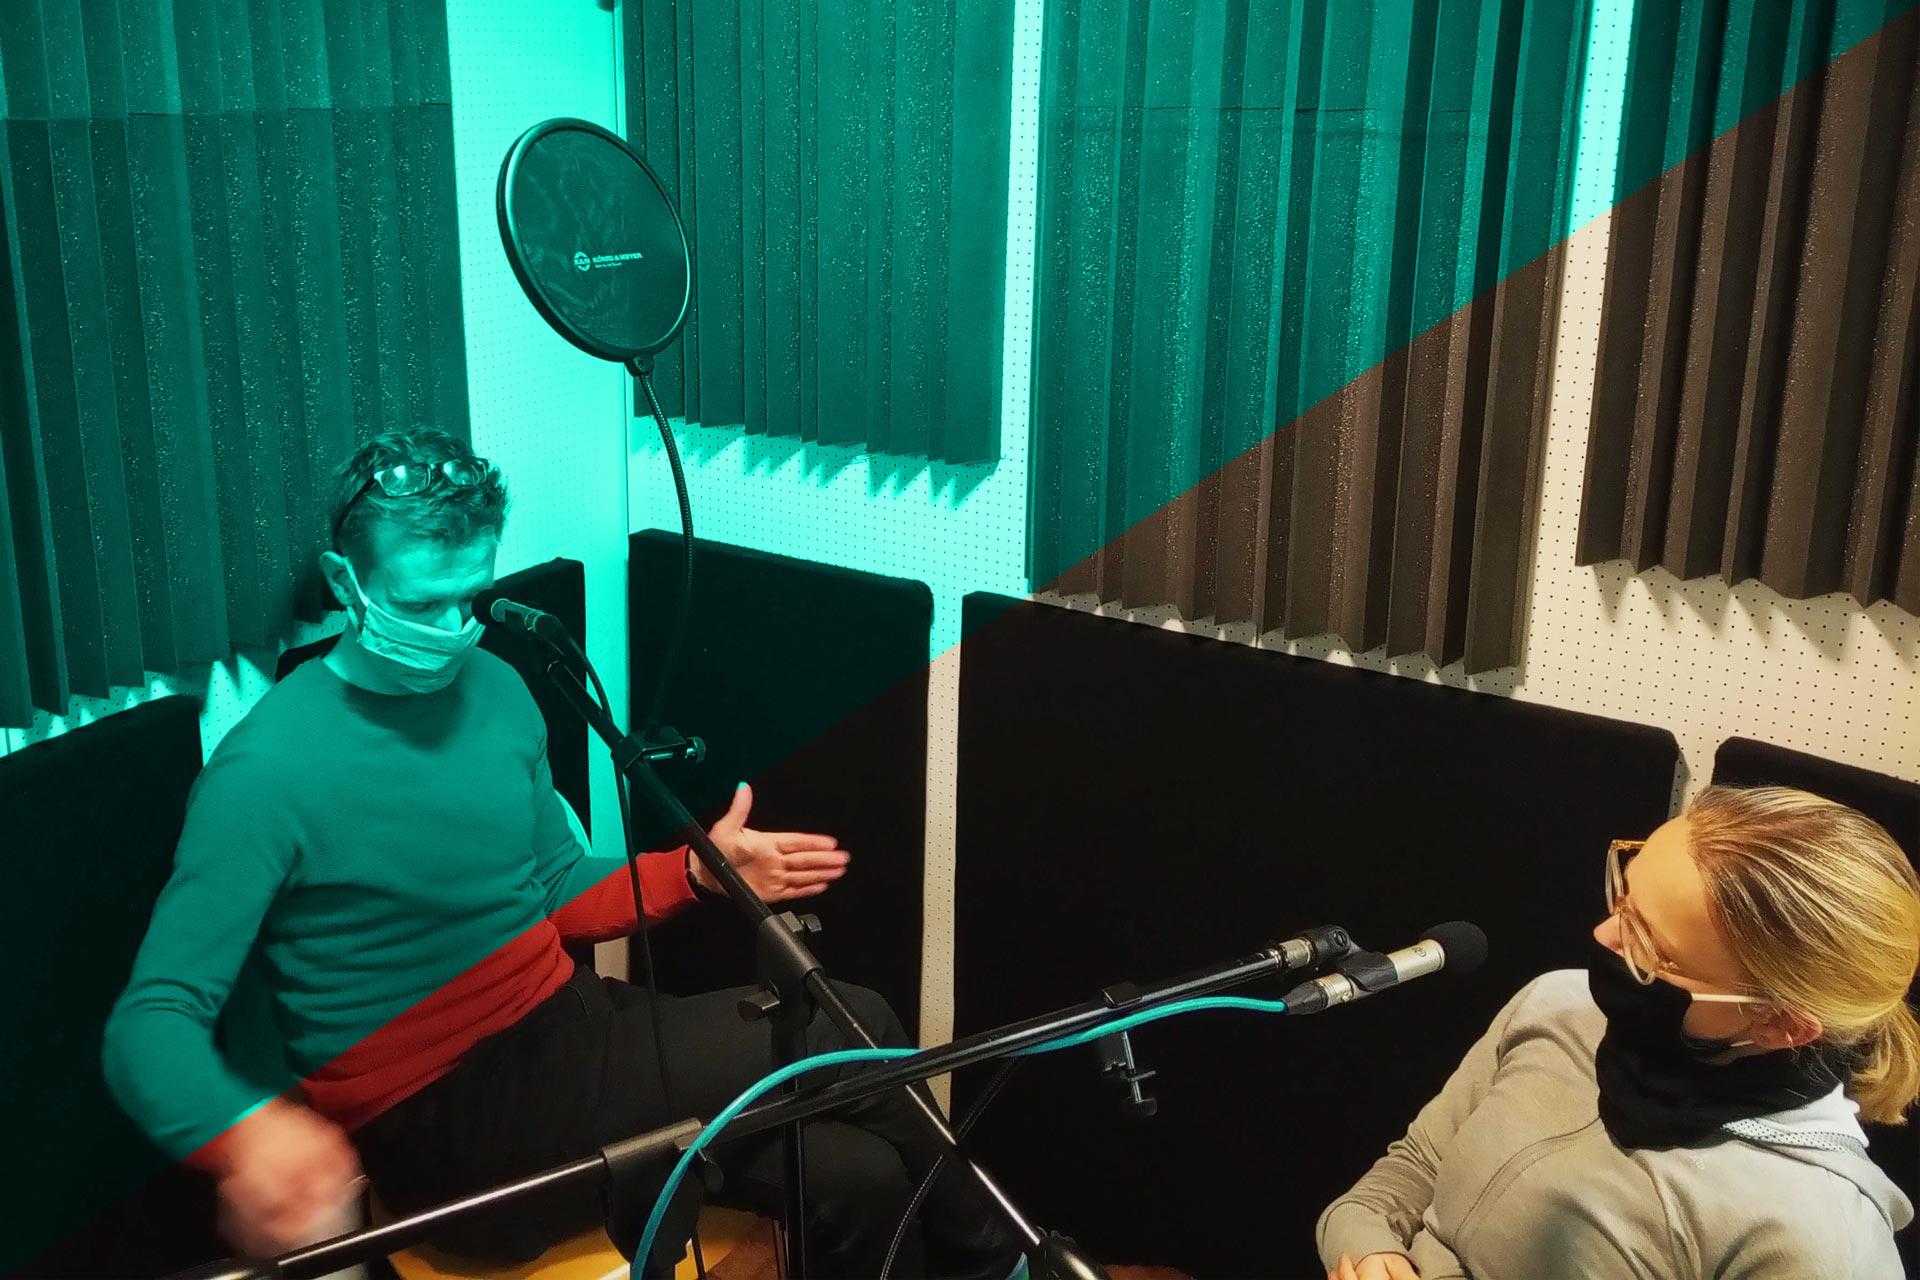 Christian und Sophia sitzen mit Mund-Nasen-Schutz im Aufnahmelabor